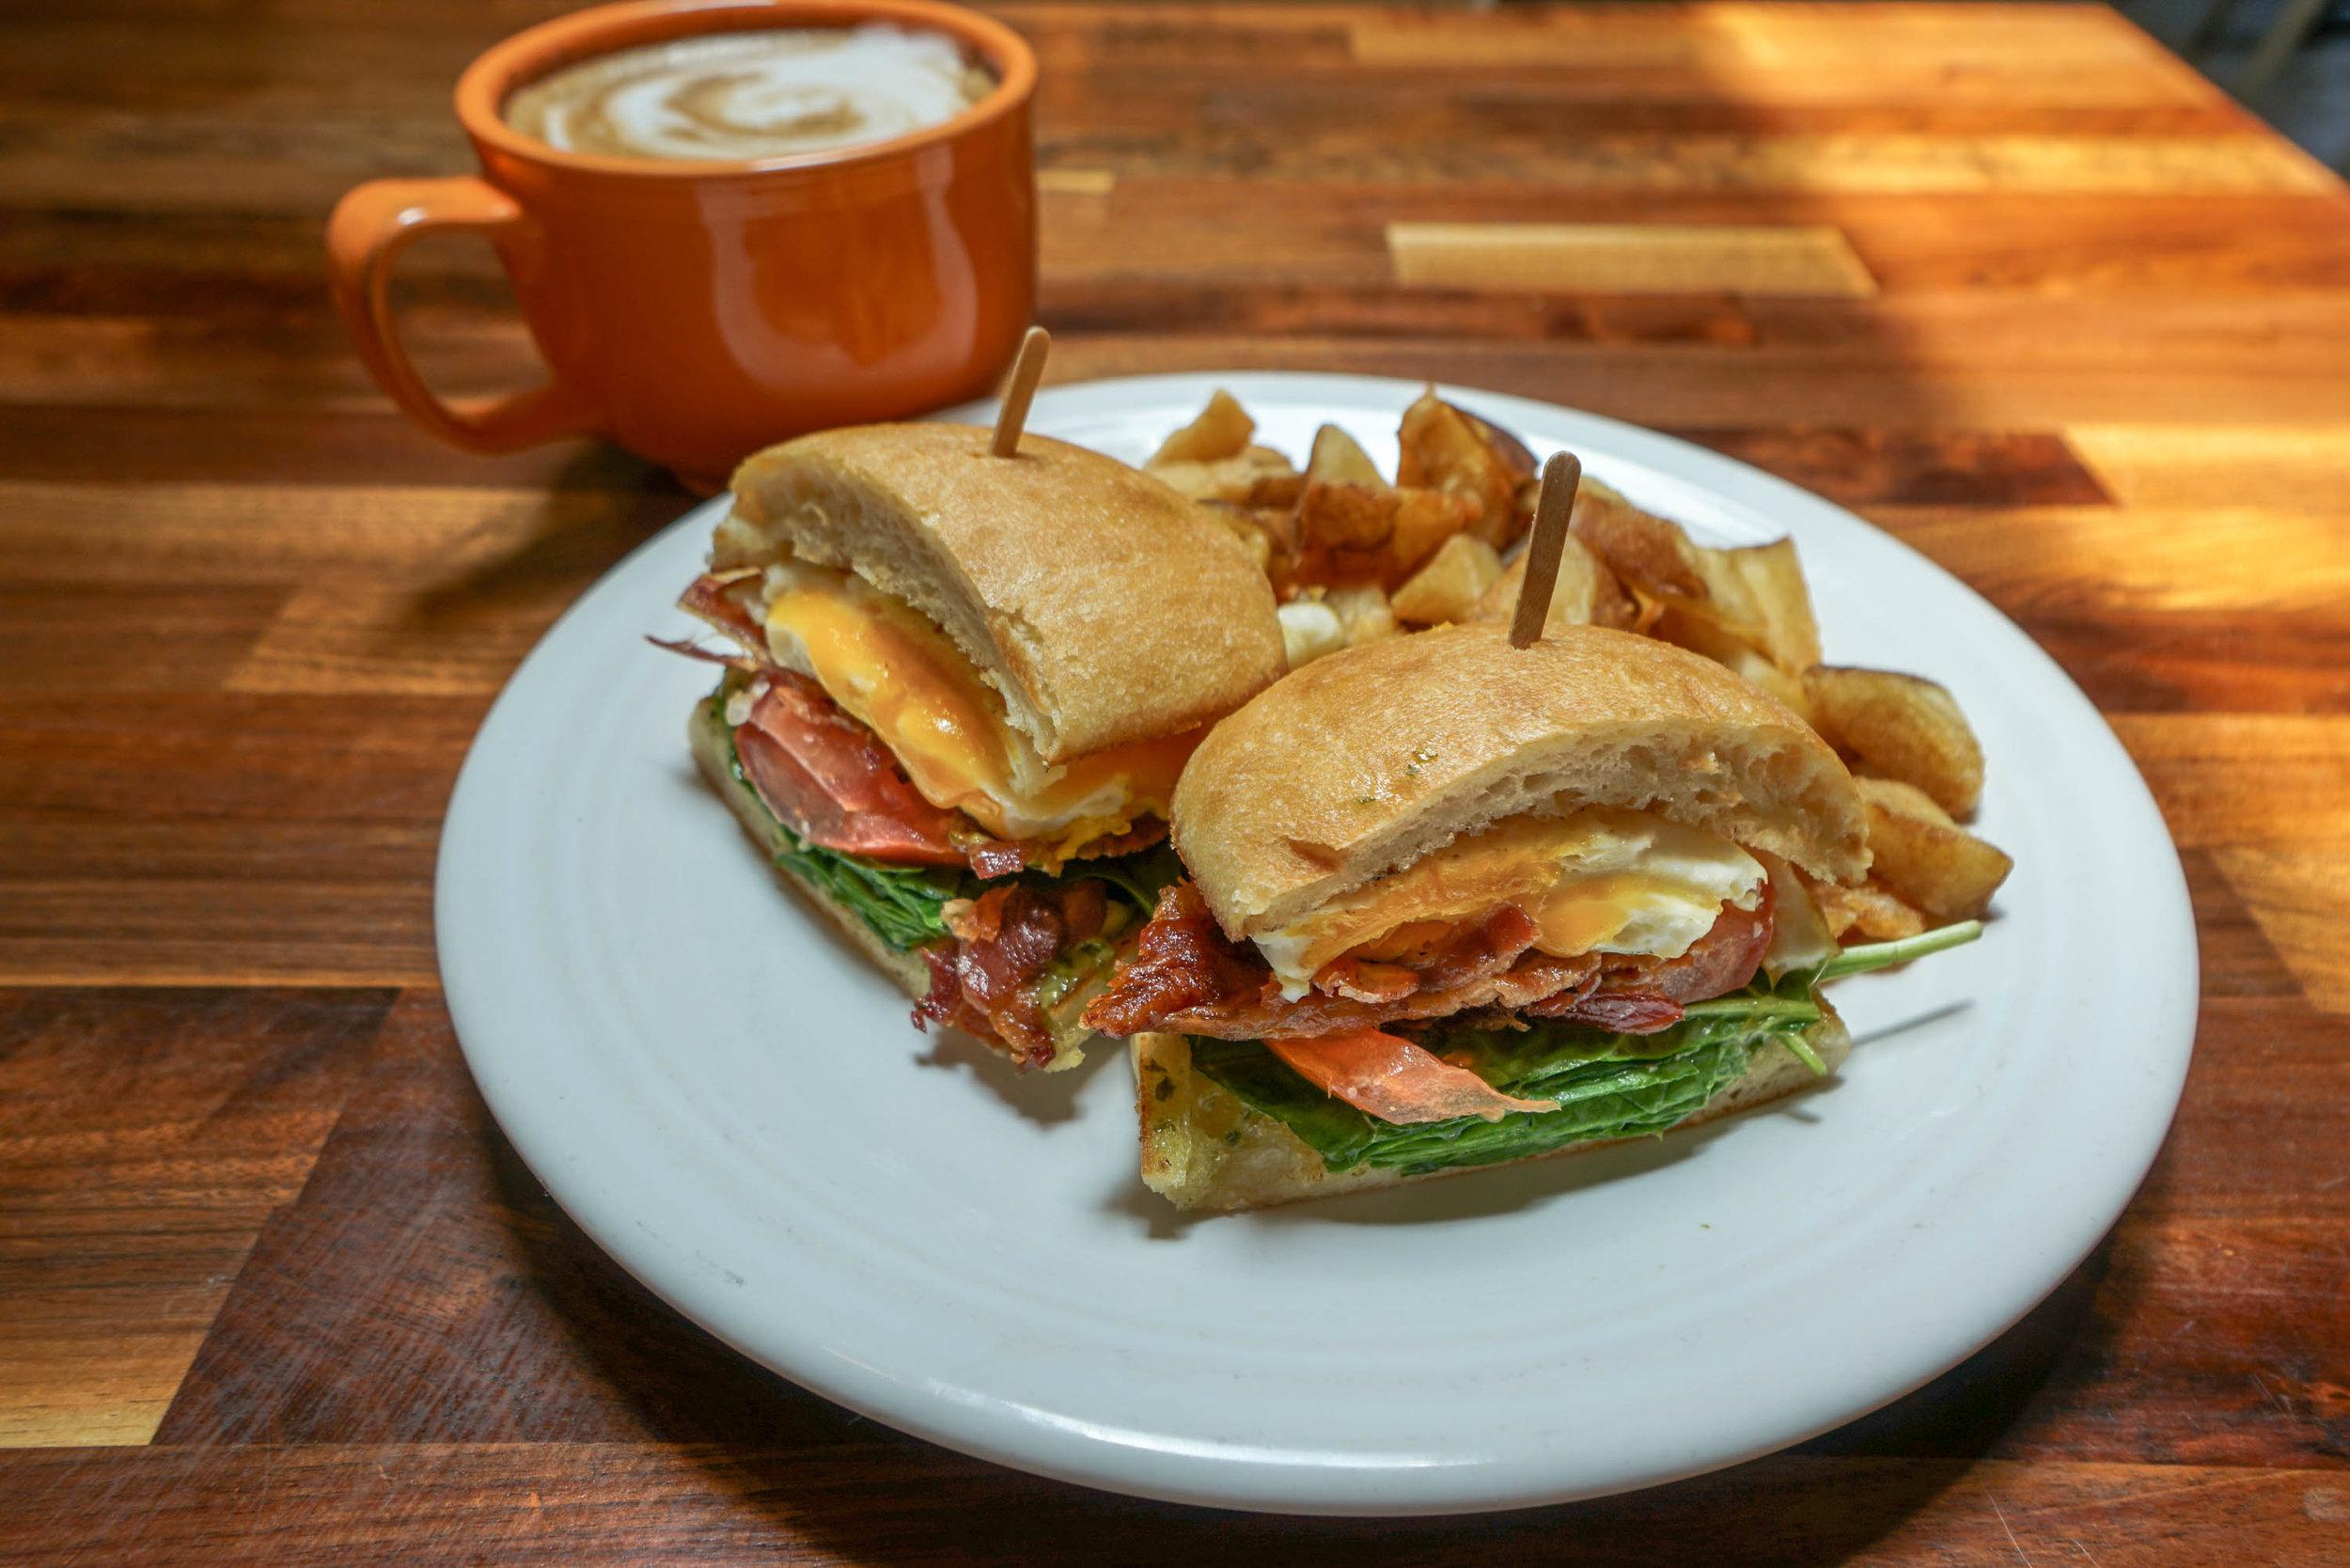 Italian breakfast sandwich